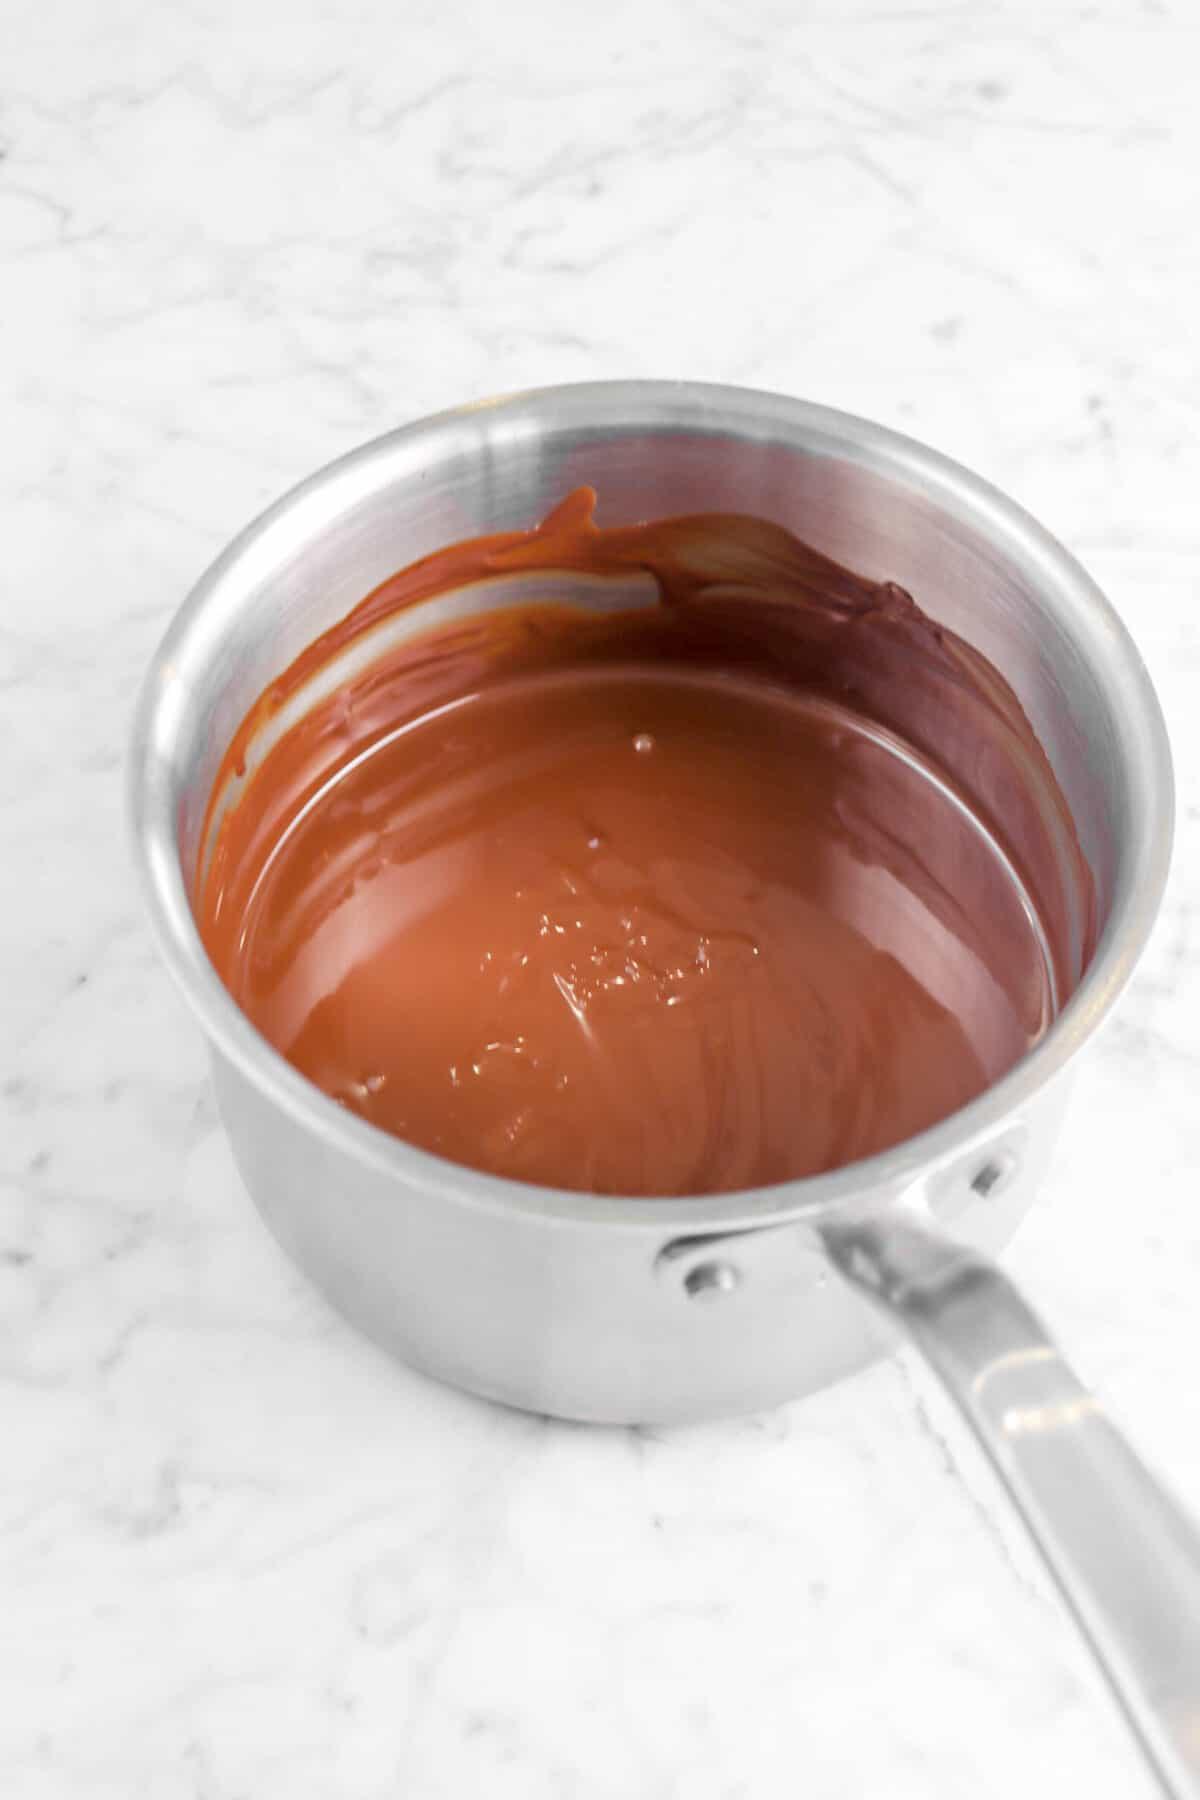 ganache in a small pot